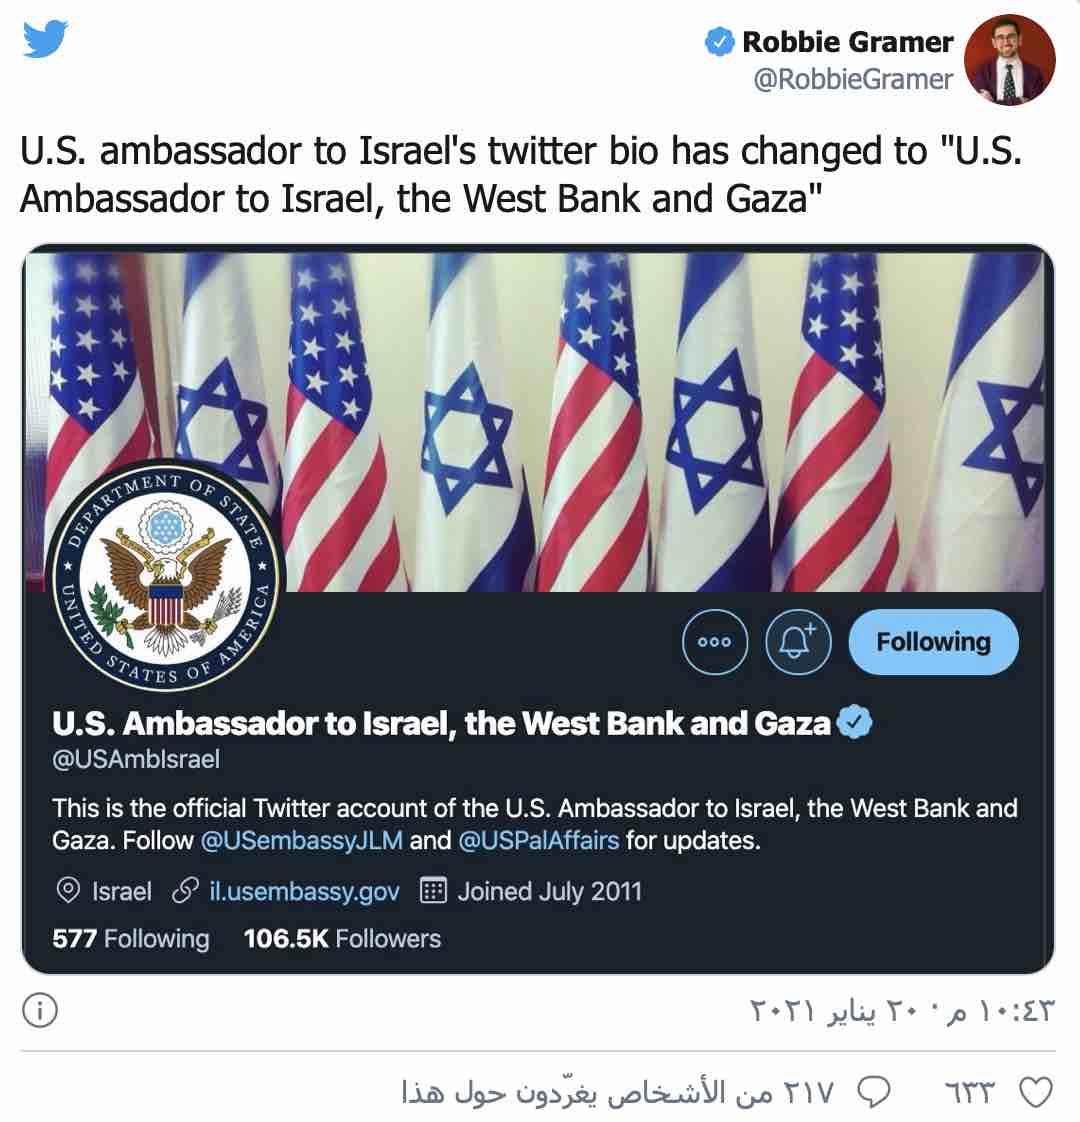 منشور لحساب ادارة الرئيس الامريكي بايدن على تويتر، يضيف الضفة الغربية وقطاع غزة إلى نطاق تمثيل السفير الأمريكي لدى إسرائيل